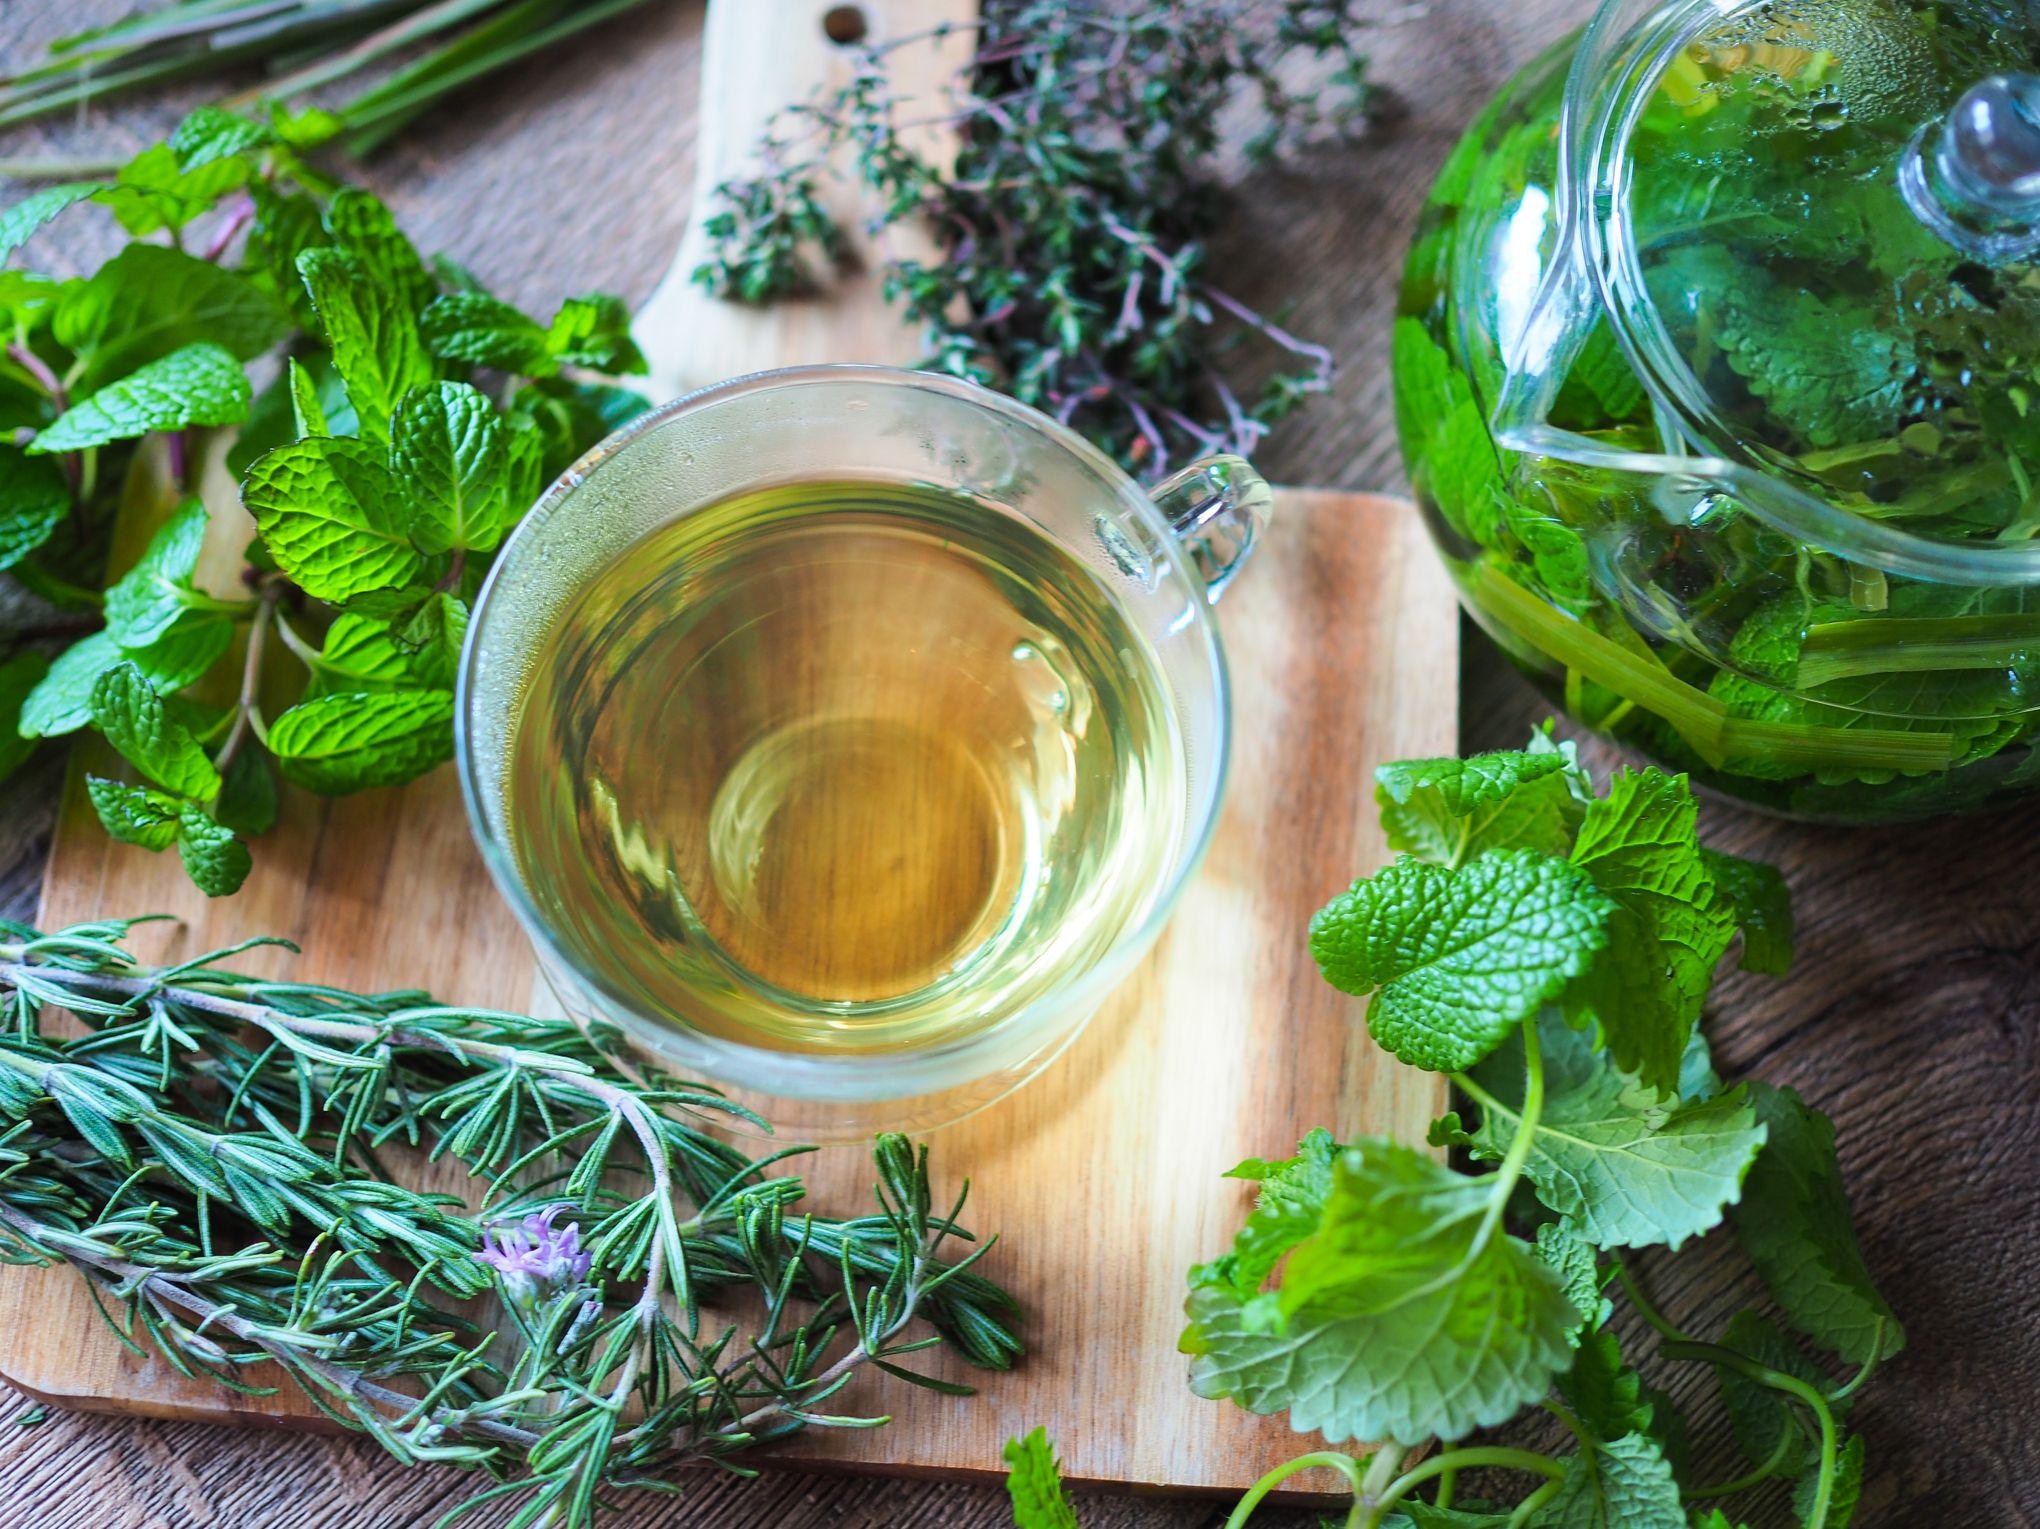 Medicina herbaria: tratamientos que deben manejarse con precaución